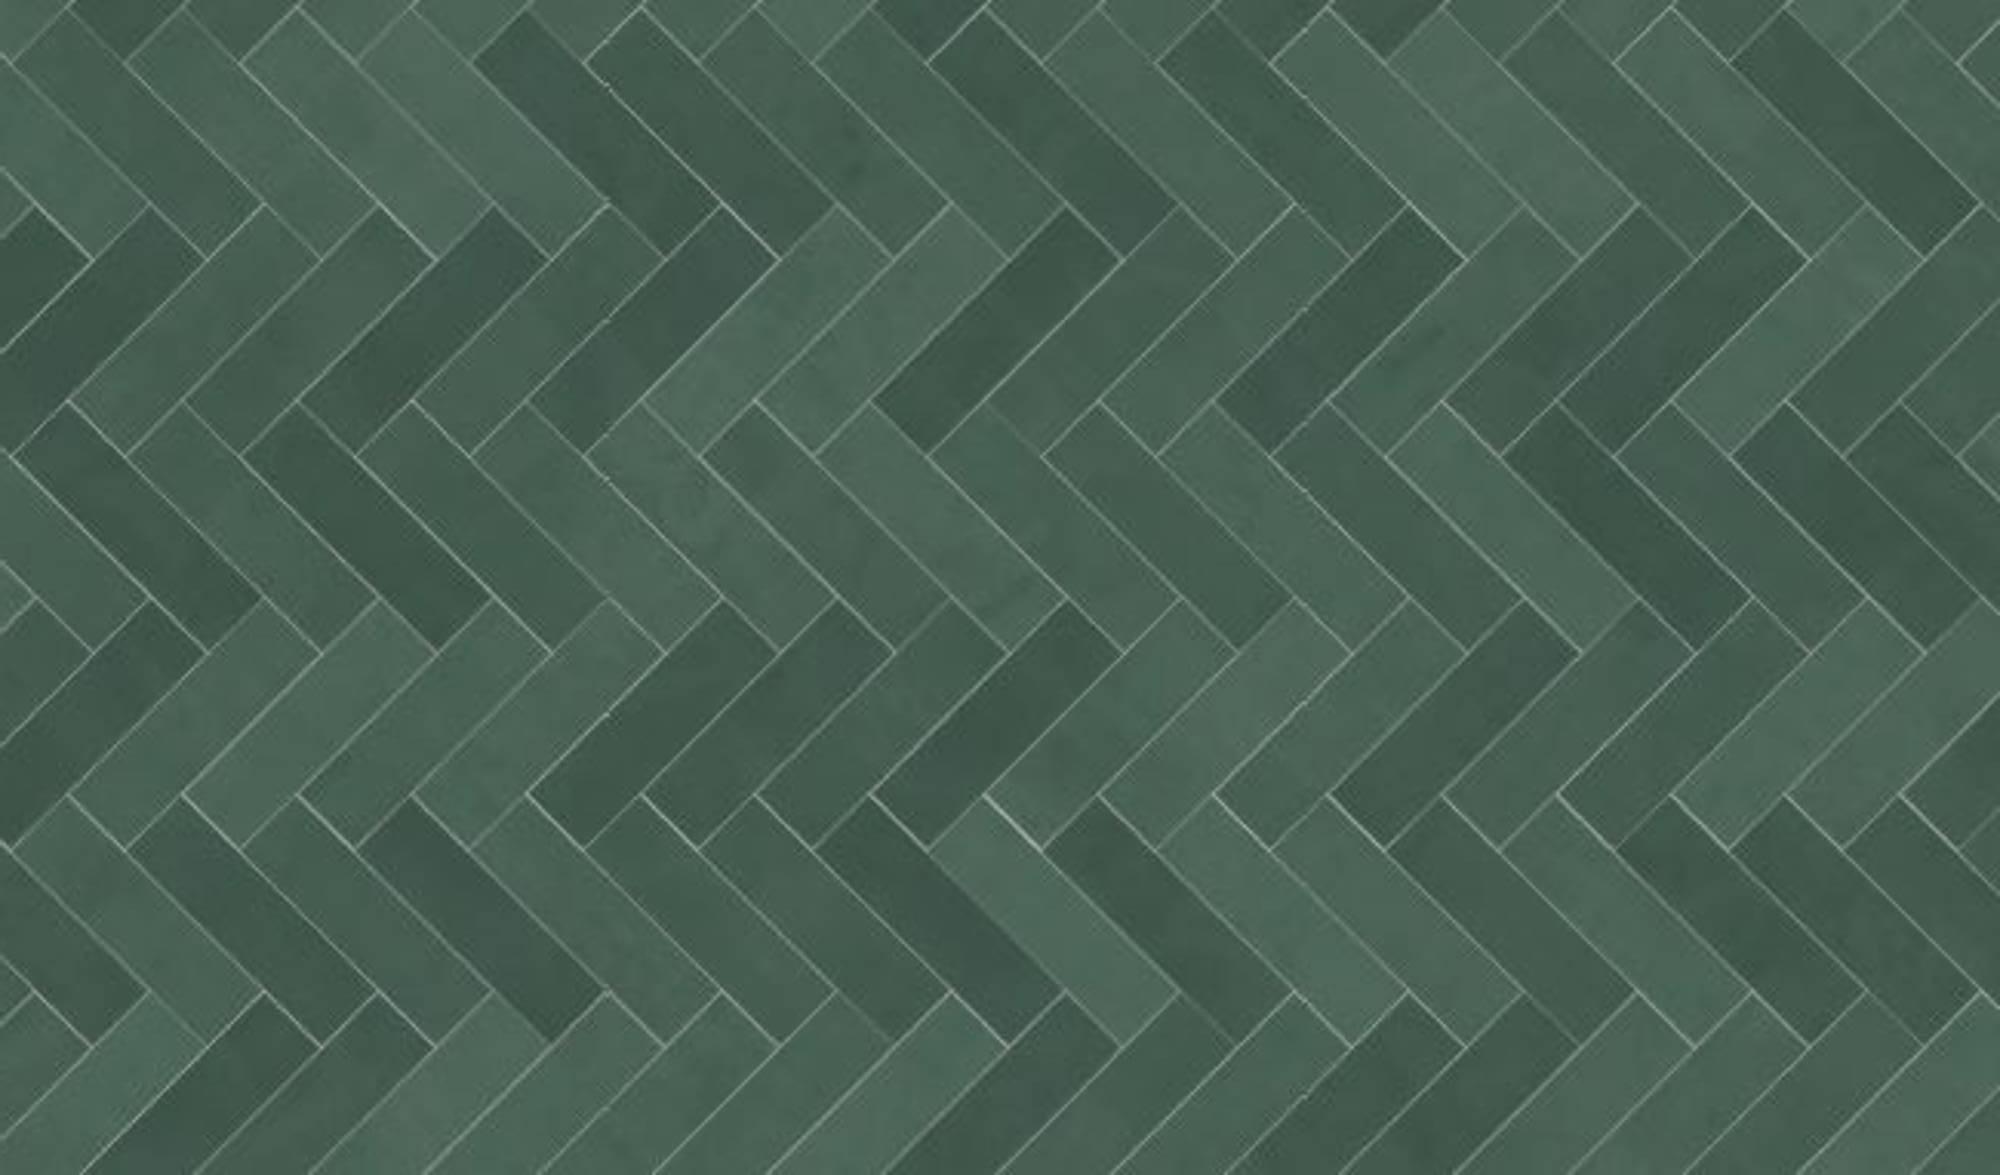 Duschprofi RenoDeco Designpaneel 150x255 cm Visgraat Groen